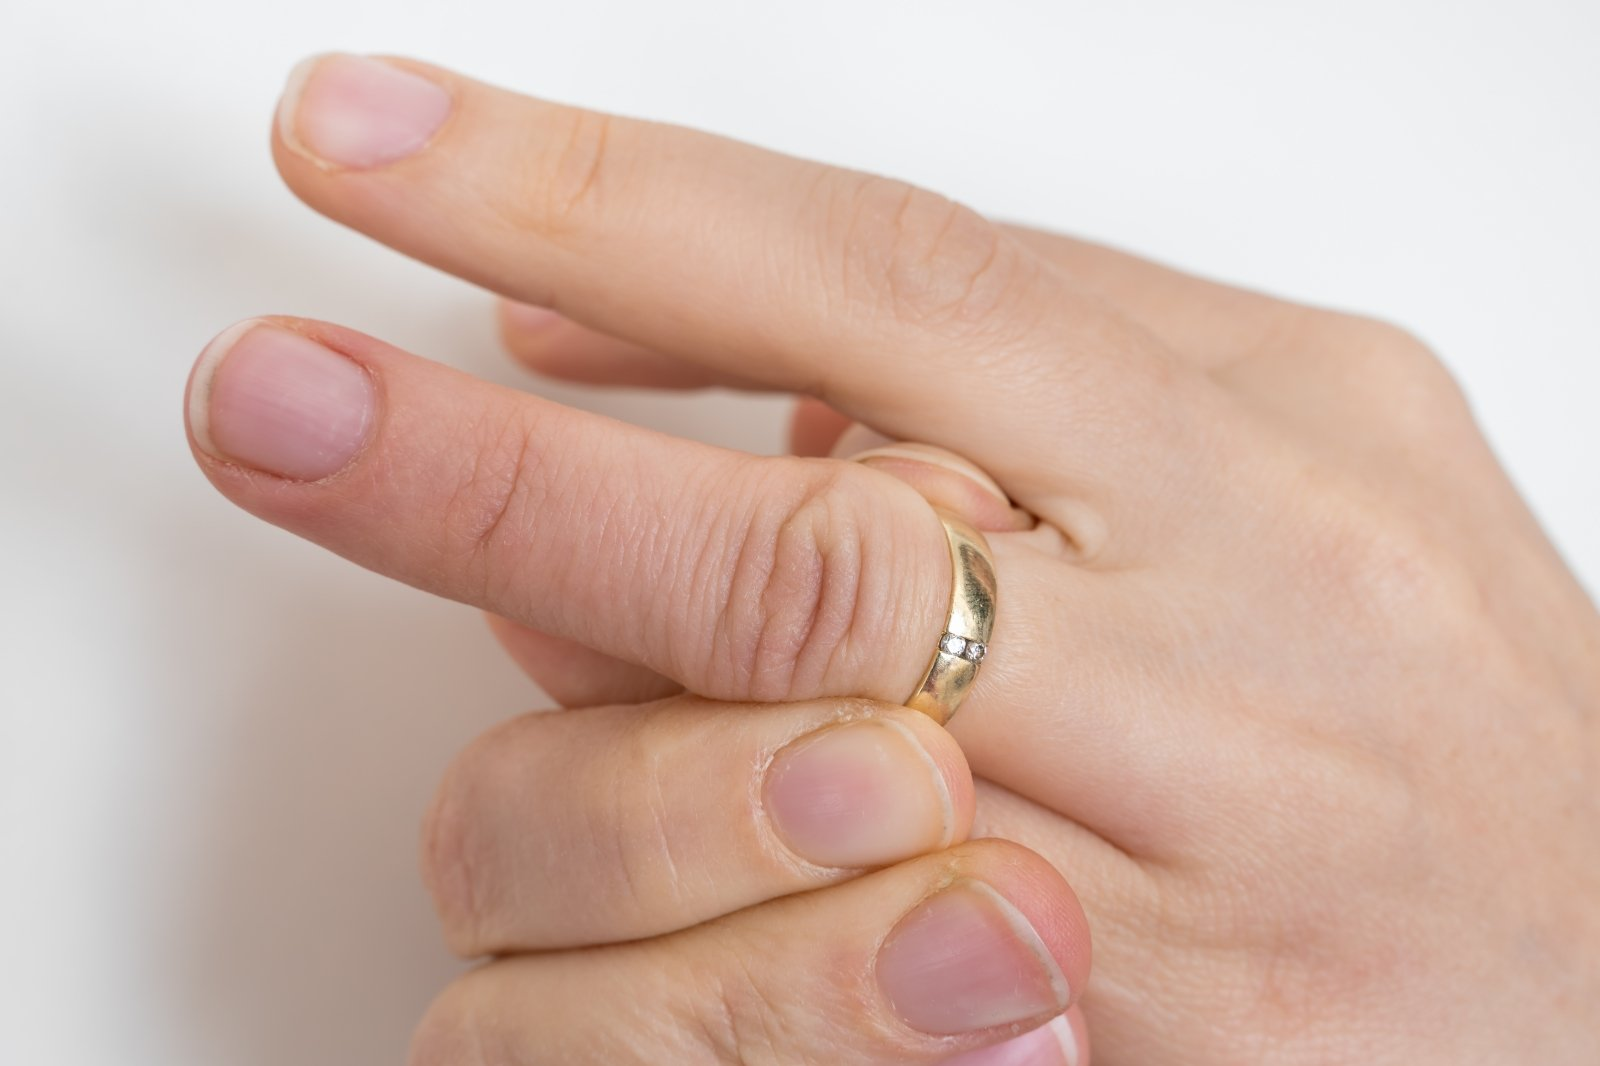 priežastys iš nykščio sąnarių uždegimas milanas lentelės gydymas sąnarių